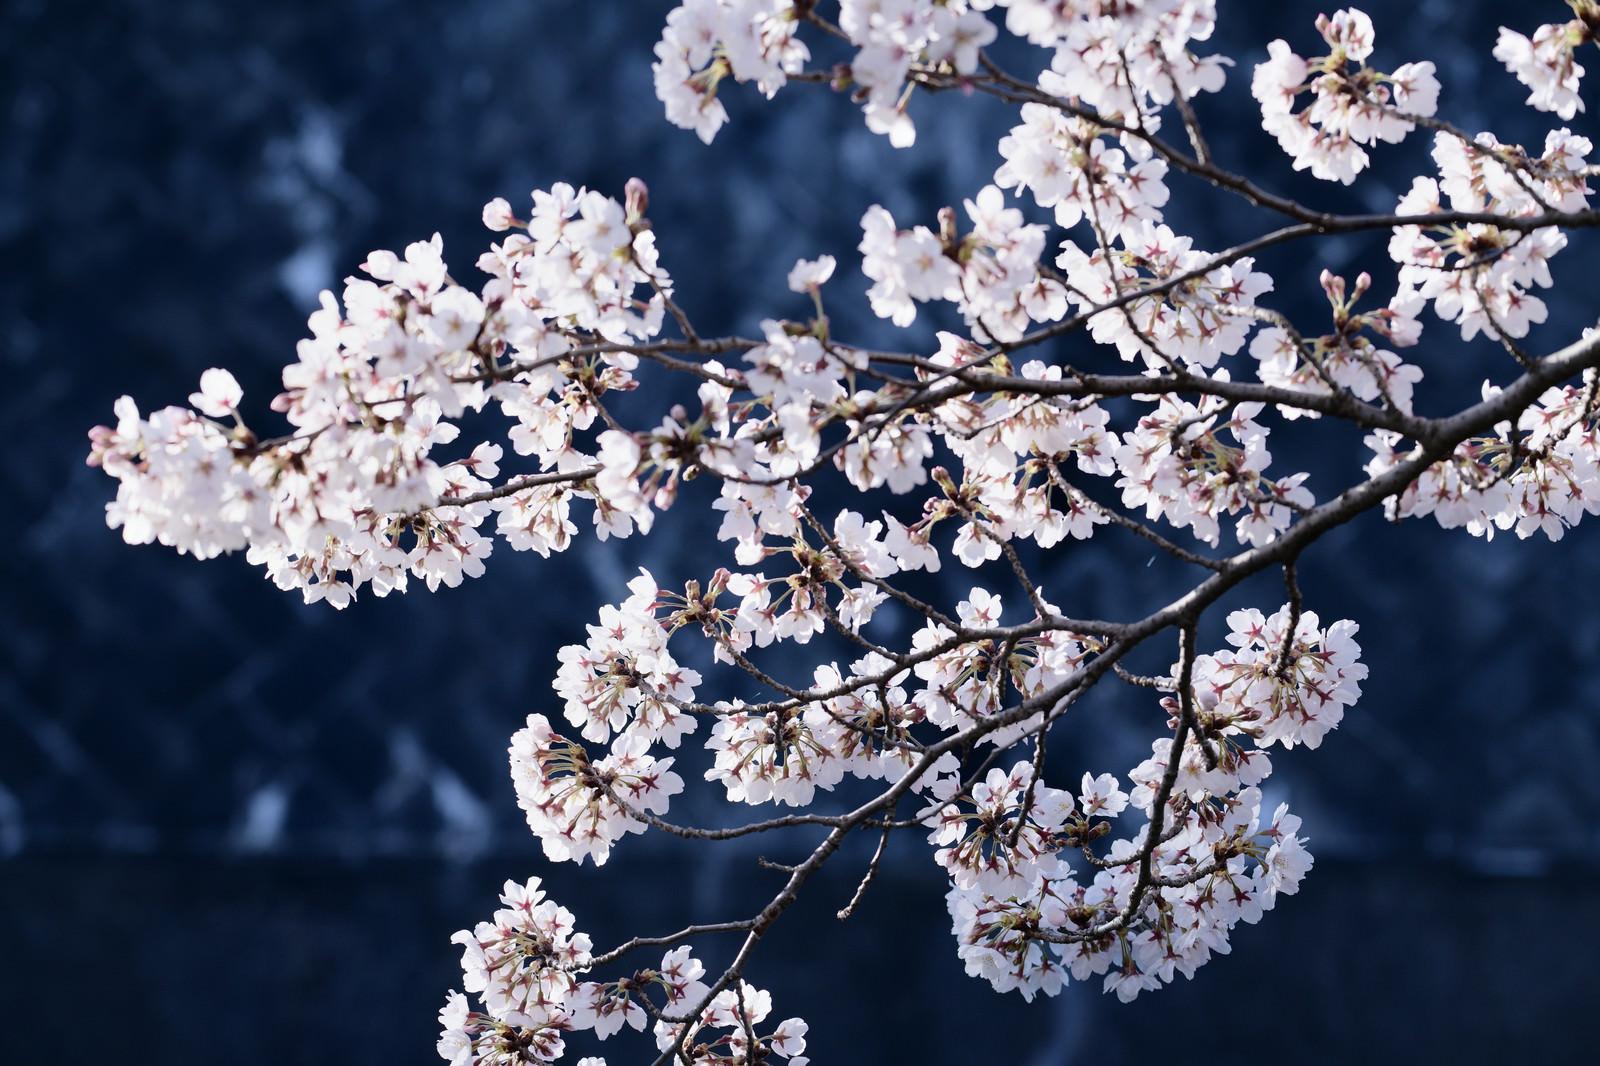 「青い影の上に浮かび上がるピンクの桜」の写真